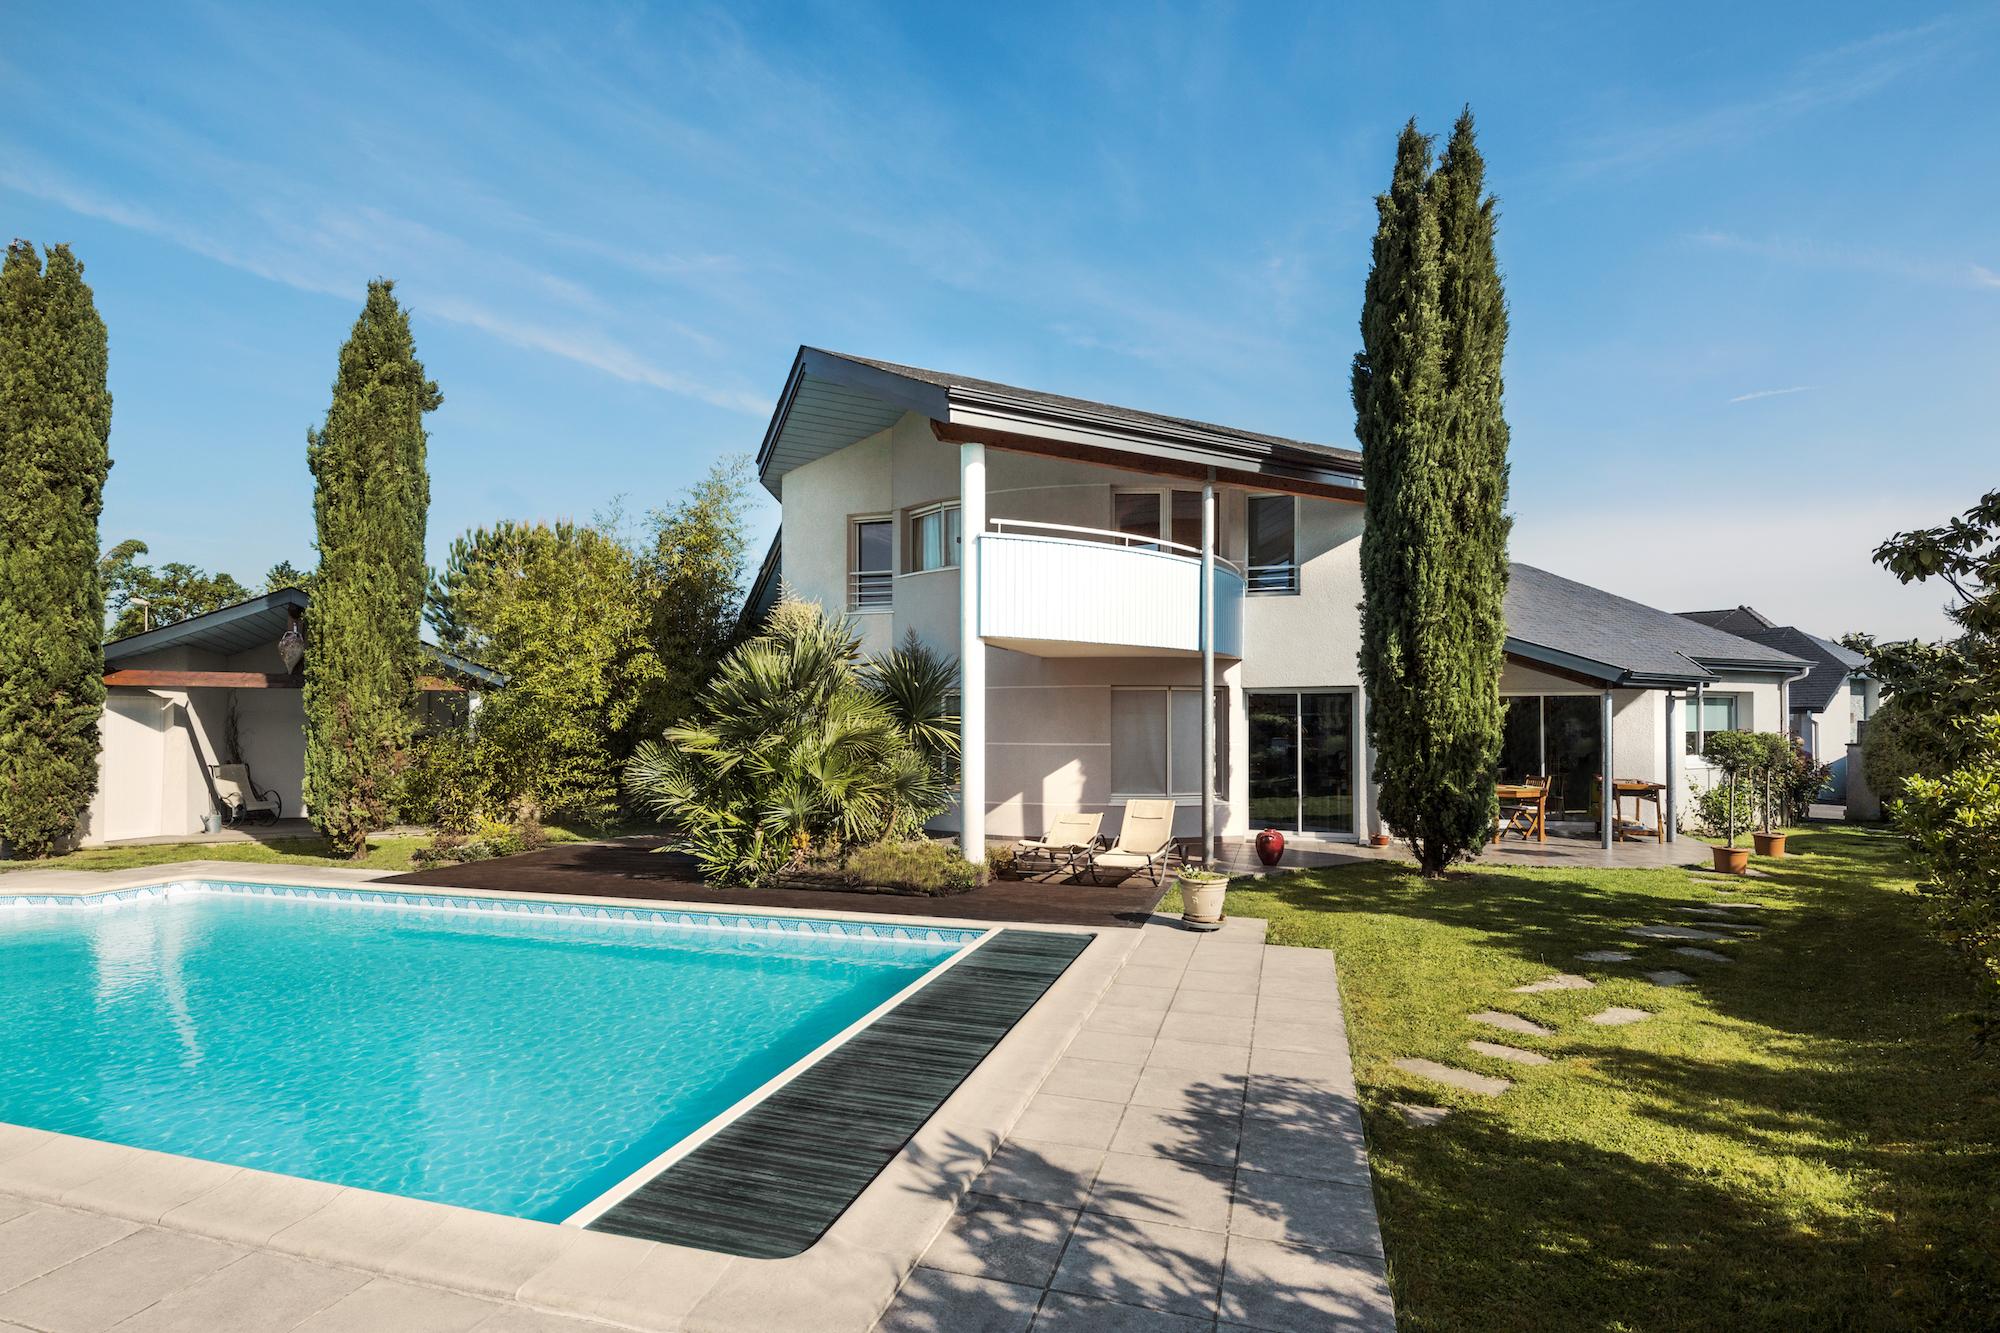 Maisons aquitaine constructeur agr maisons de qualit for Constructeur de maison hautes pyrenees